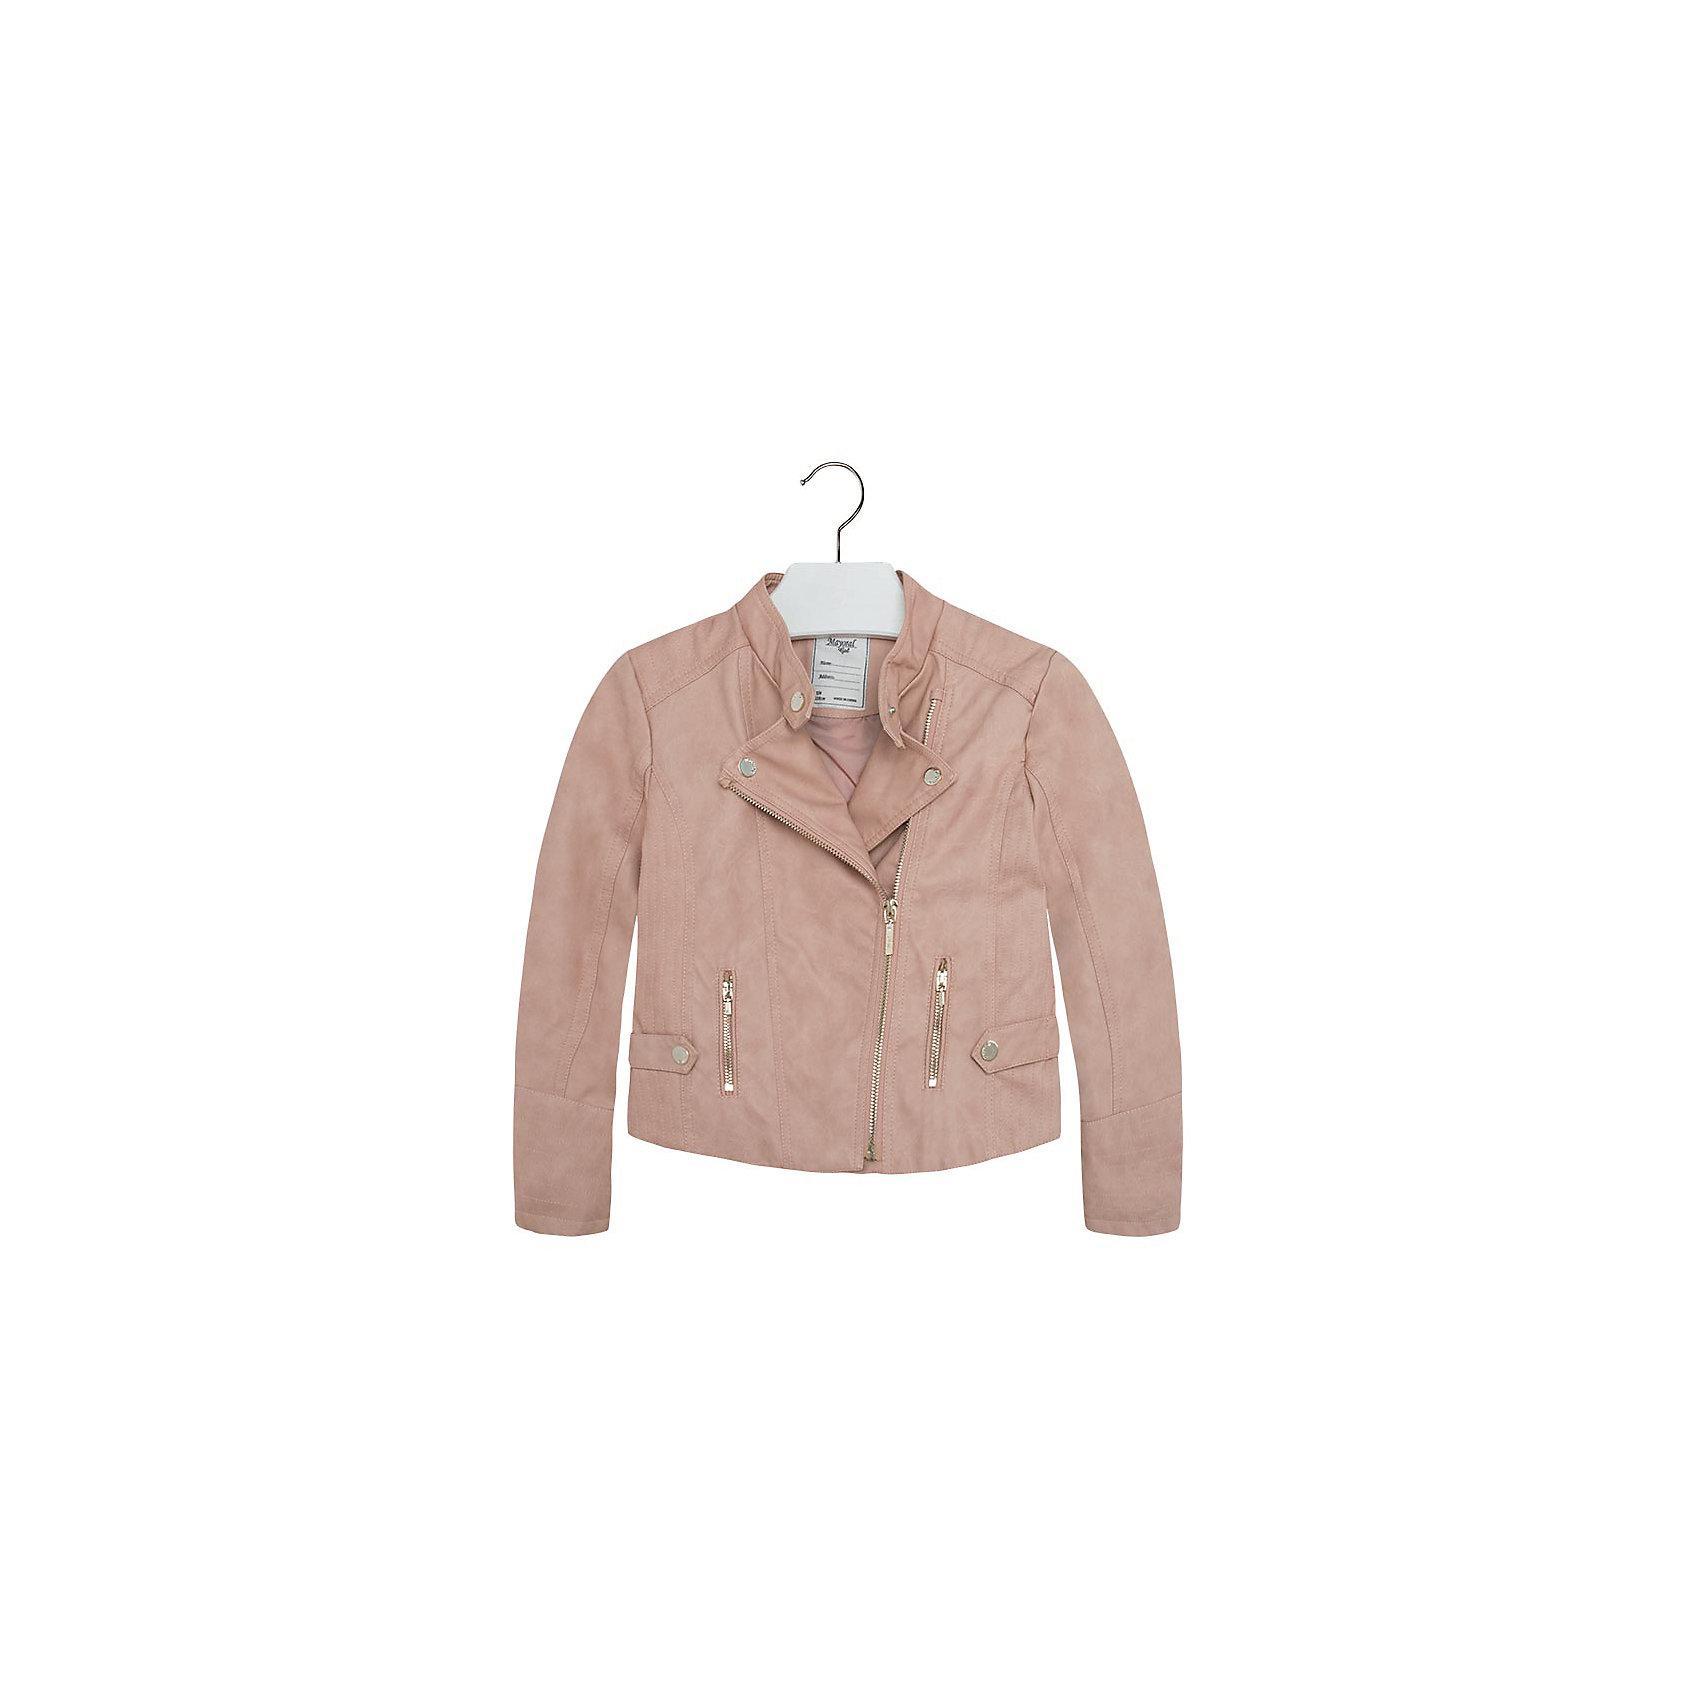 Куртка для девочки MayoralКуртка для девочки от популярной испанской марки Mayoral.<br>Модная куртка-косуха под кожу от Mayoral – отличный вариант универсальной верхней одежды для детей. Она отлично смотрится с юбками и брюками. Удобный крой и качественный материал обеспечит ребенку комфорт при ношении этой вещи. <br>Модель имеет следующие особенности:<br><br>- цвет: бежевый;<br>- золотистая фурнитура;<br>- подкладка тонкая;<br>- лацканы на кнопках;<br>- отвороты в развернутом состоянии фиксируются кнопками;<br>- застежка-молния.<br><br>Состав: 100% полиуретан, подкладка - 100% полиэстер<br><br>Уход за изделием:<br><br>стирка в машине при температуре до 30°С,<br>не отбеливать.<br><br>Температурный режим:<br><br>от +5° С до +20° С<br><br>Куртку для девочки Mayoral (Майорал) можно купить в нашем магазине.<br><br>Ширина мм: 356<br>Глубина мм: 10<br>Высота мм: 245<br>Вес г: 519<br>Цвет: бежевый<br>Возраст от месяцев: 108<br>Возраст до месяцев: 120<br>Пол: Женский<br>Возраст: Детский<br>Размер: 140,158,164,152,128<br>SKU: 4190292